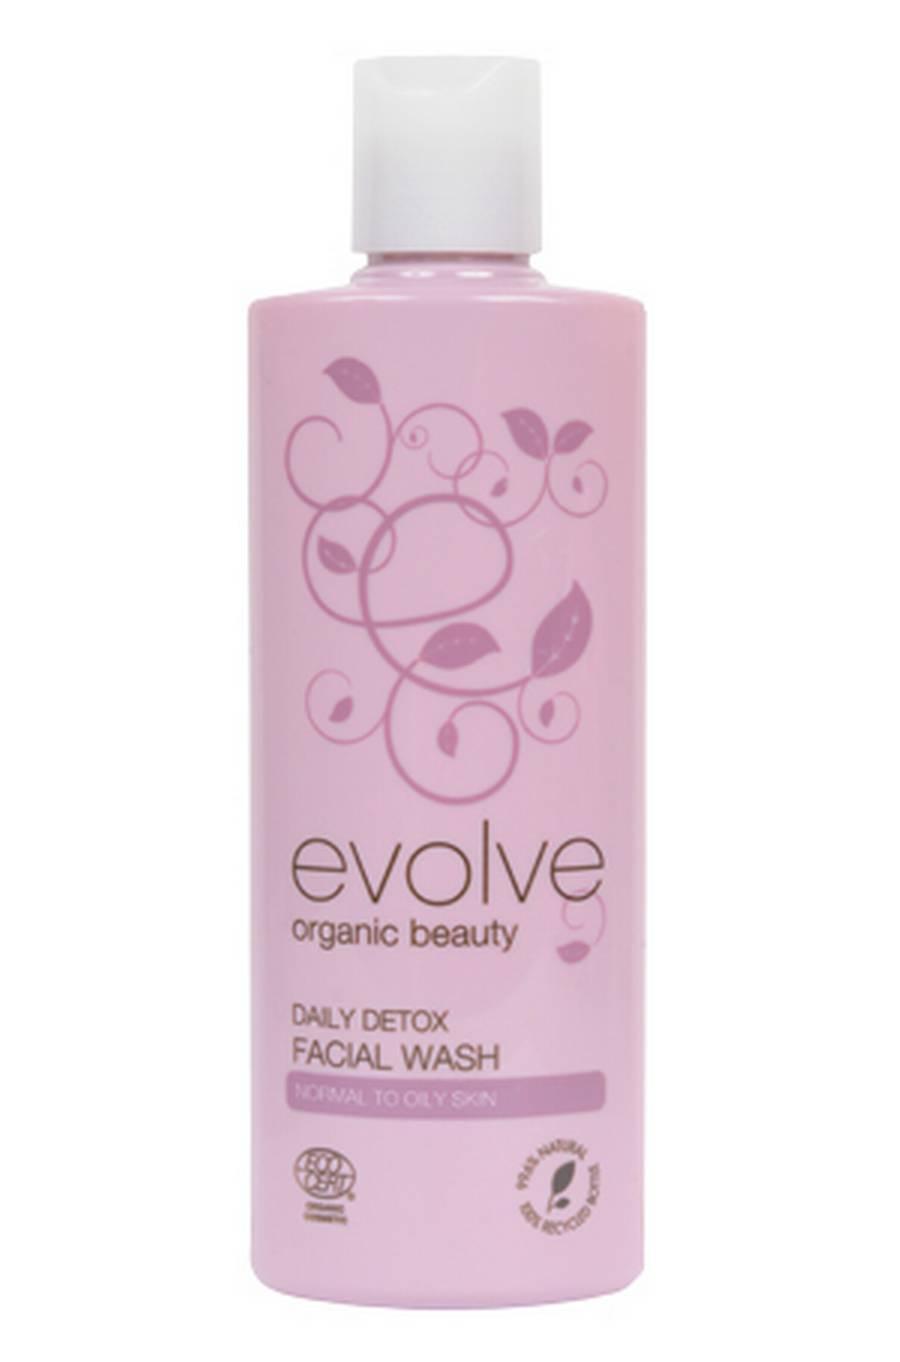 Prøv den let skummende ansigtsrens eller den mælkehvide body polish med ultrafine korn af kokosnøddeskal.Daily Detox Face Wash fra Evolve hos Soulandscent.com, 139 kr.